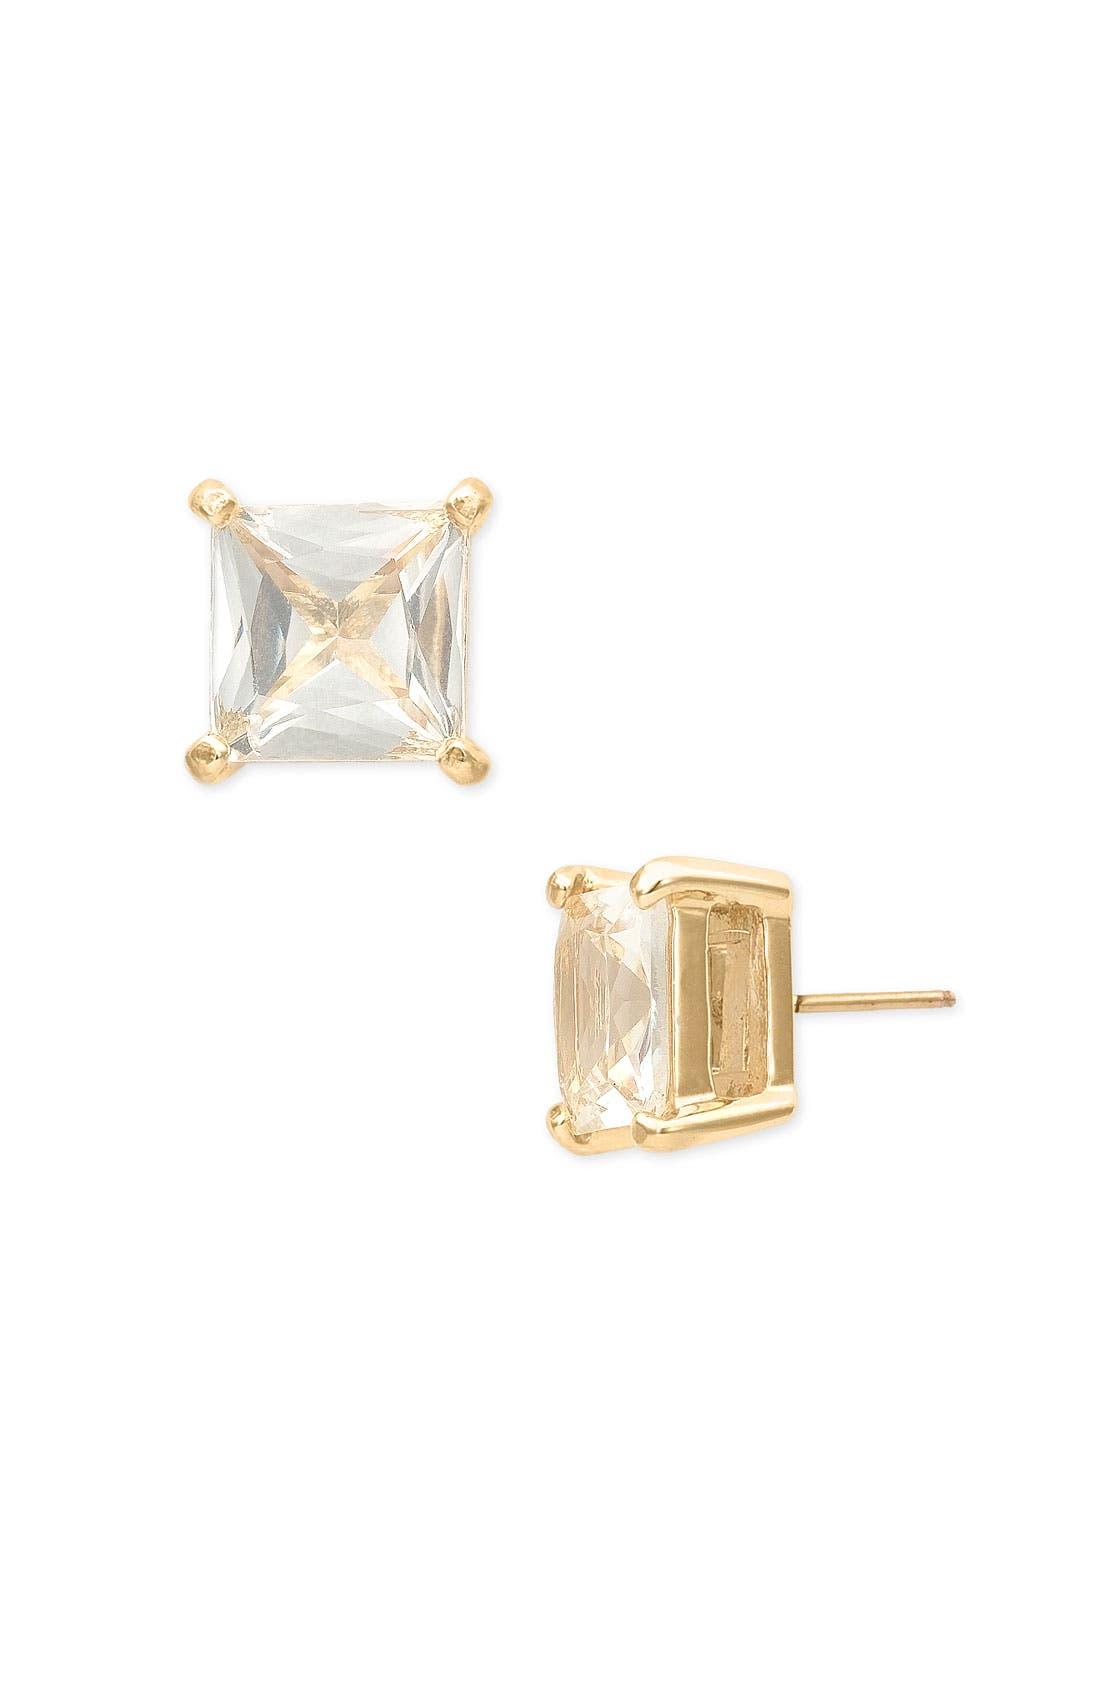 Main Image - kate spade new york 'sweet nothings' square stud earrings